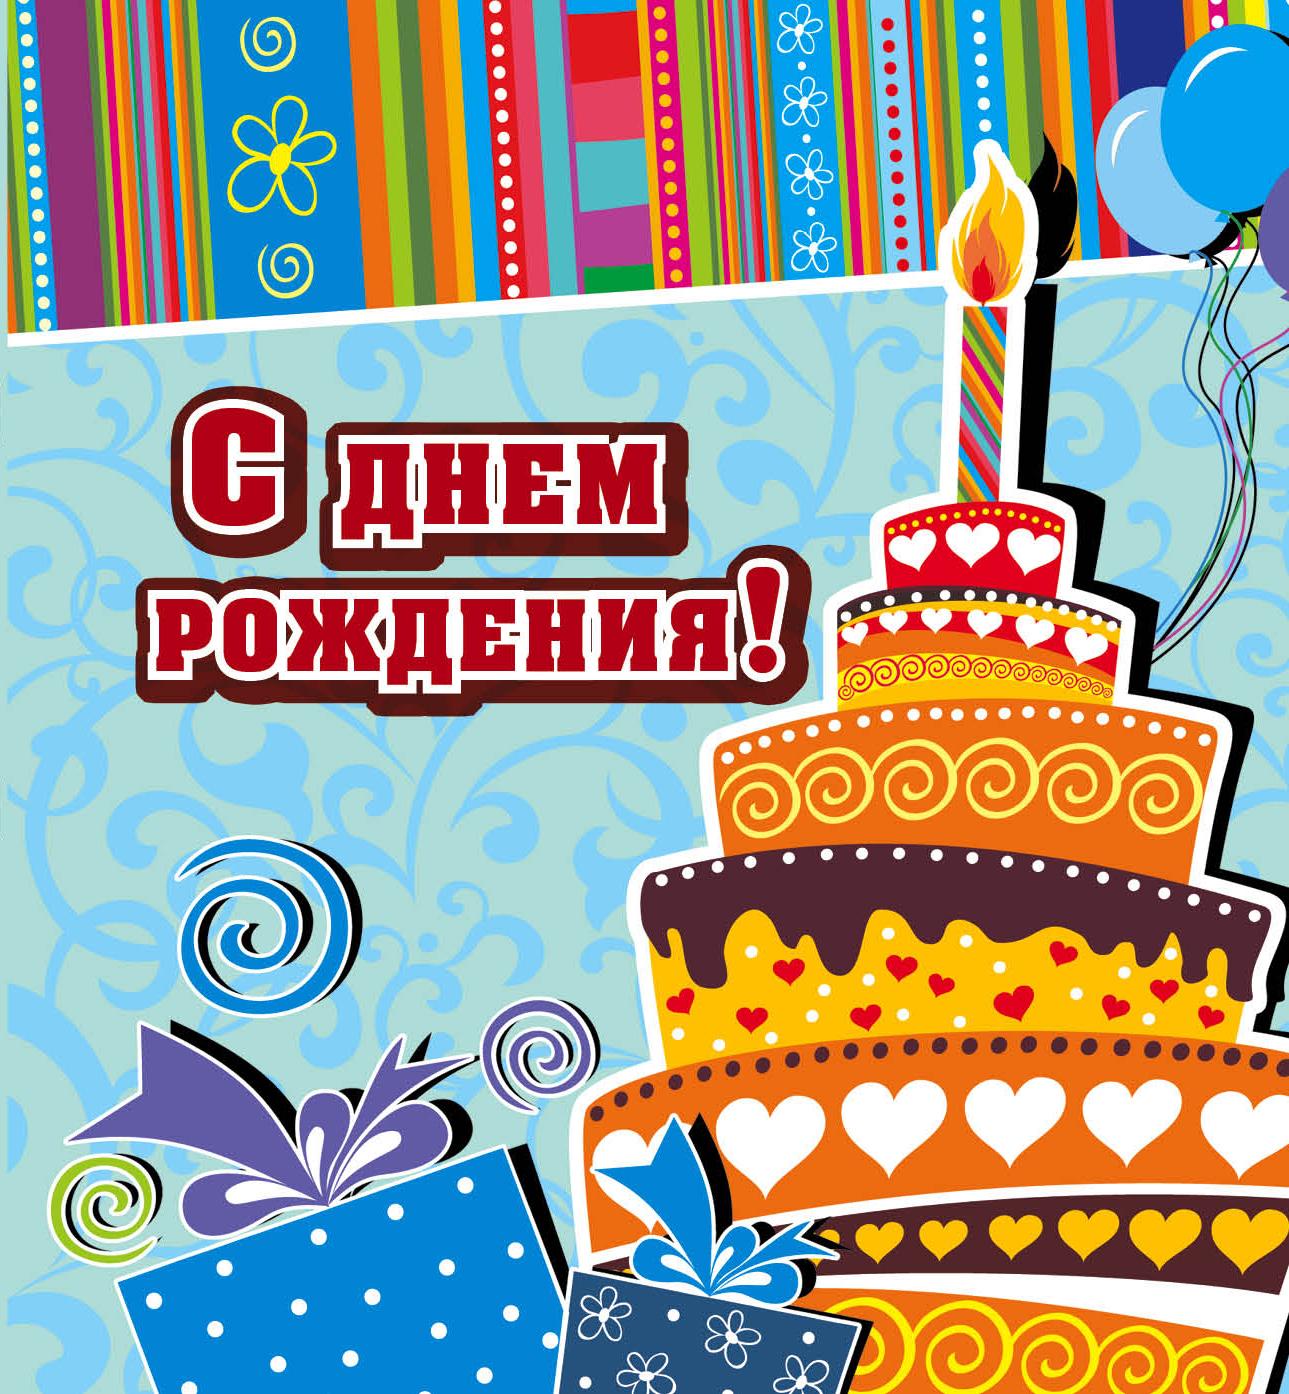 Картинки, открытка день рождения аналитика